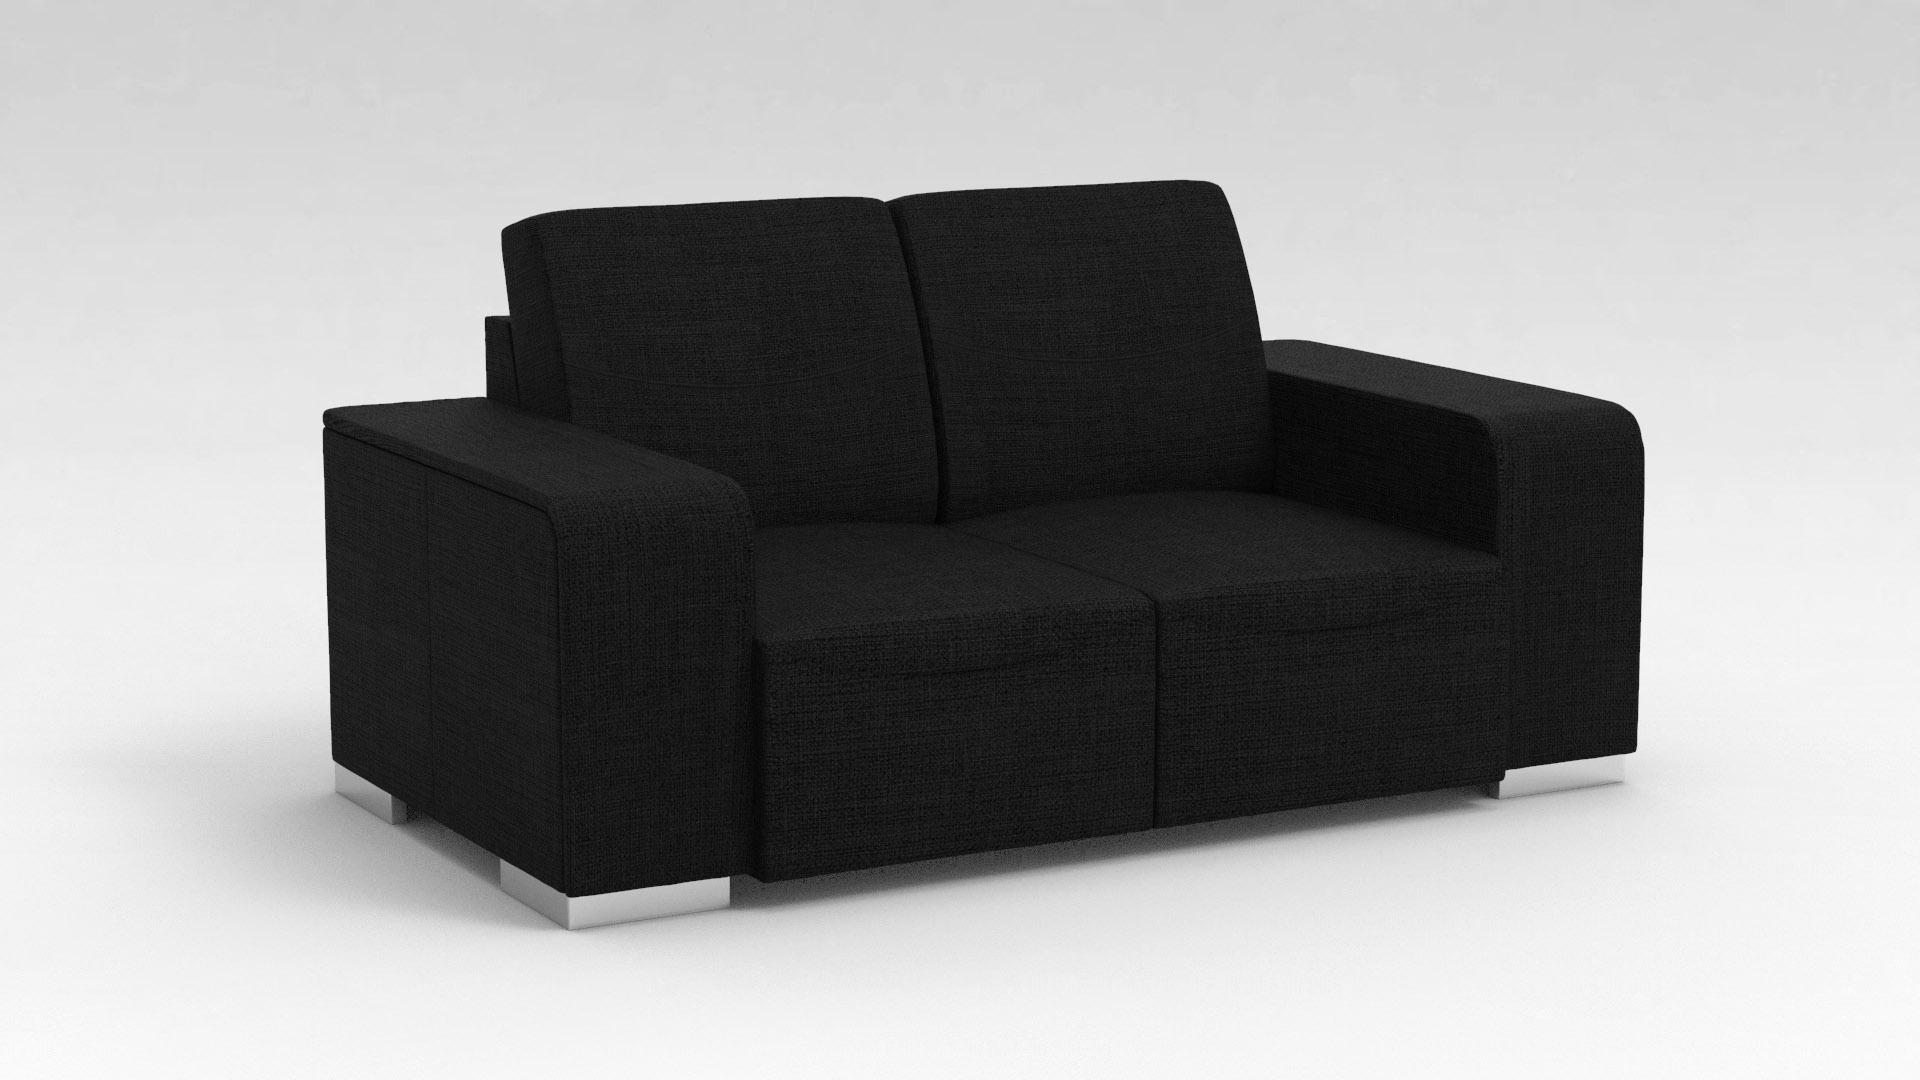 Canapé design 2 places en tissu noir Sofiane